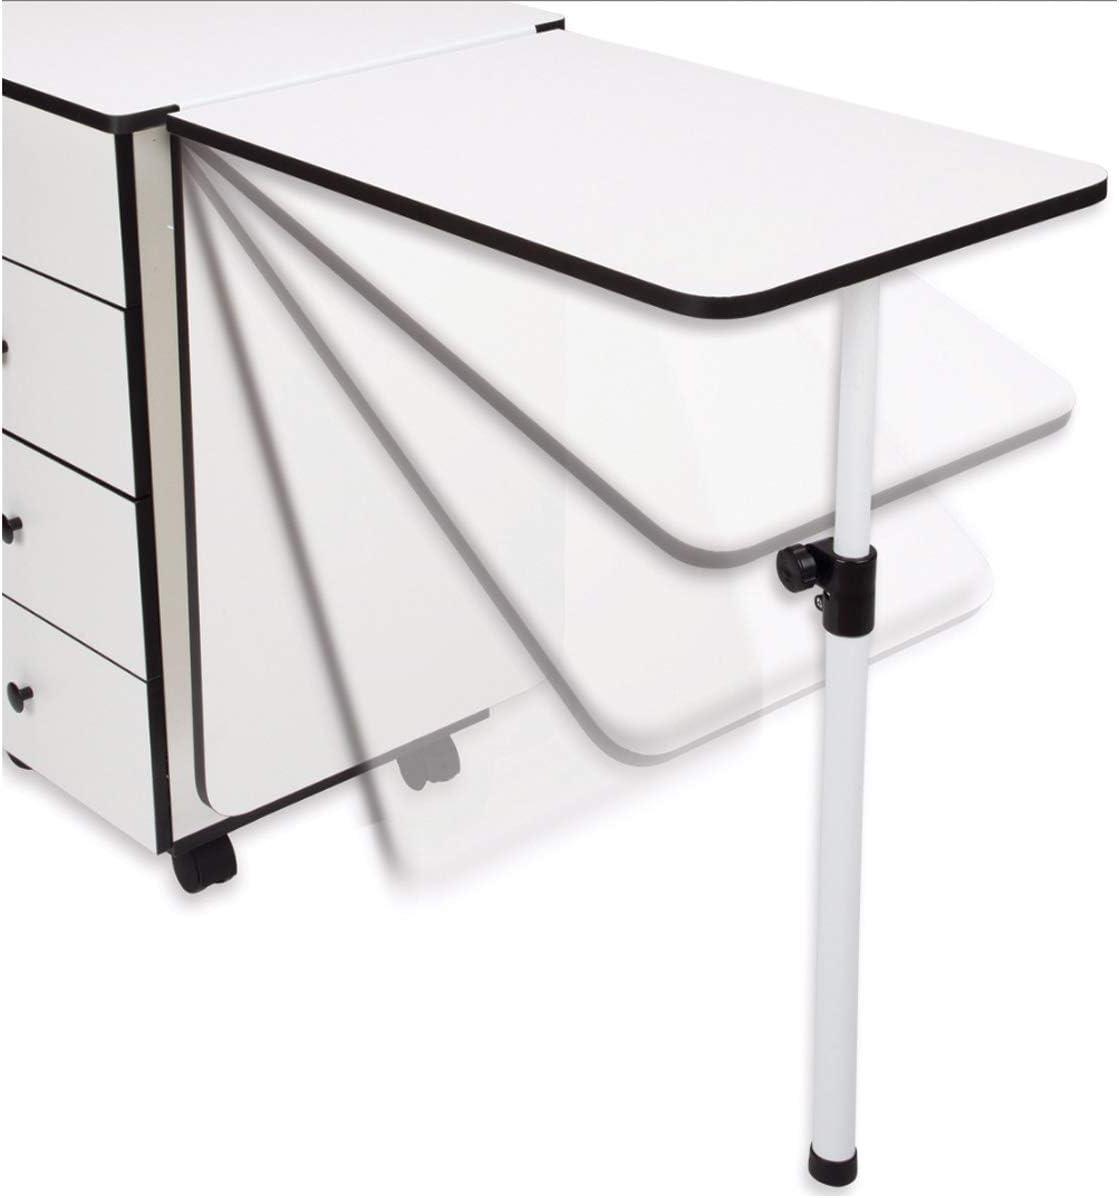 Sullivans 38438 FOB: MI Wing Table Extender, White